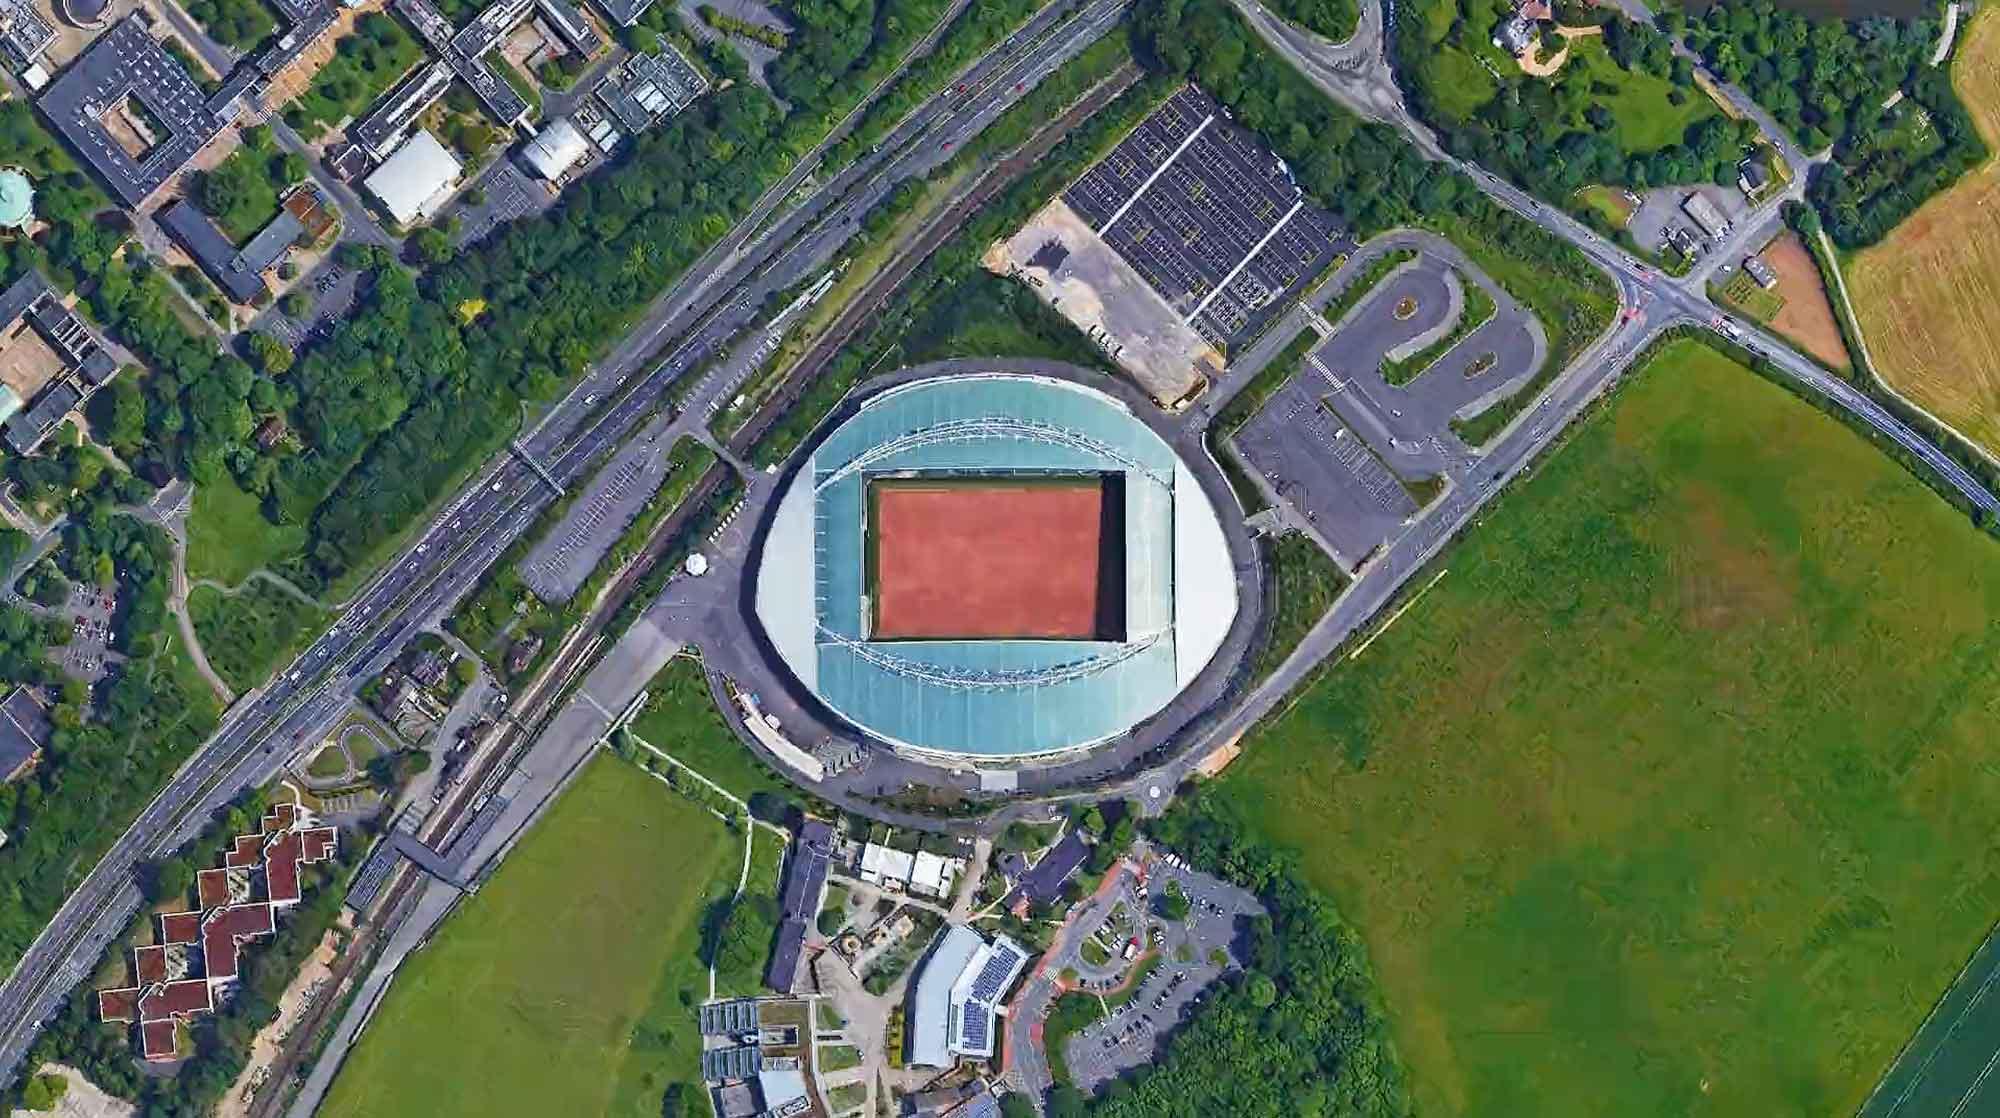 Arena, Quelle: Vimeo